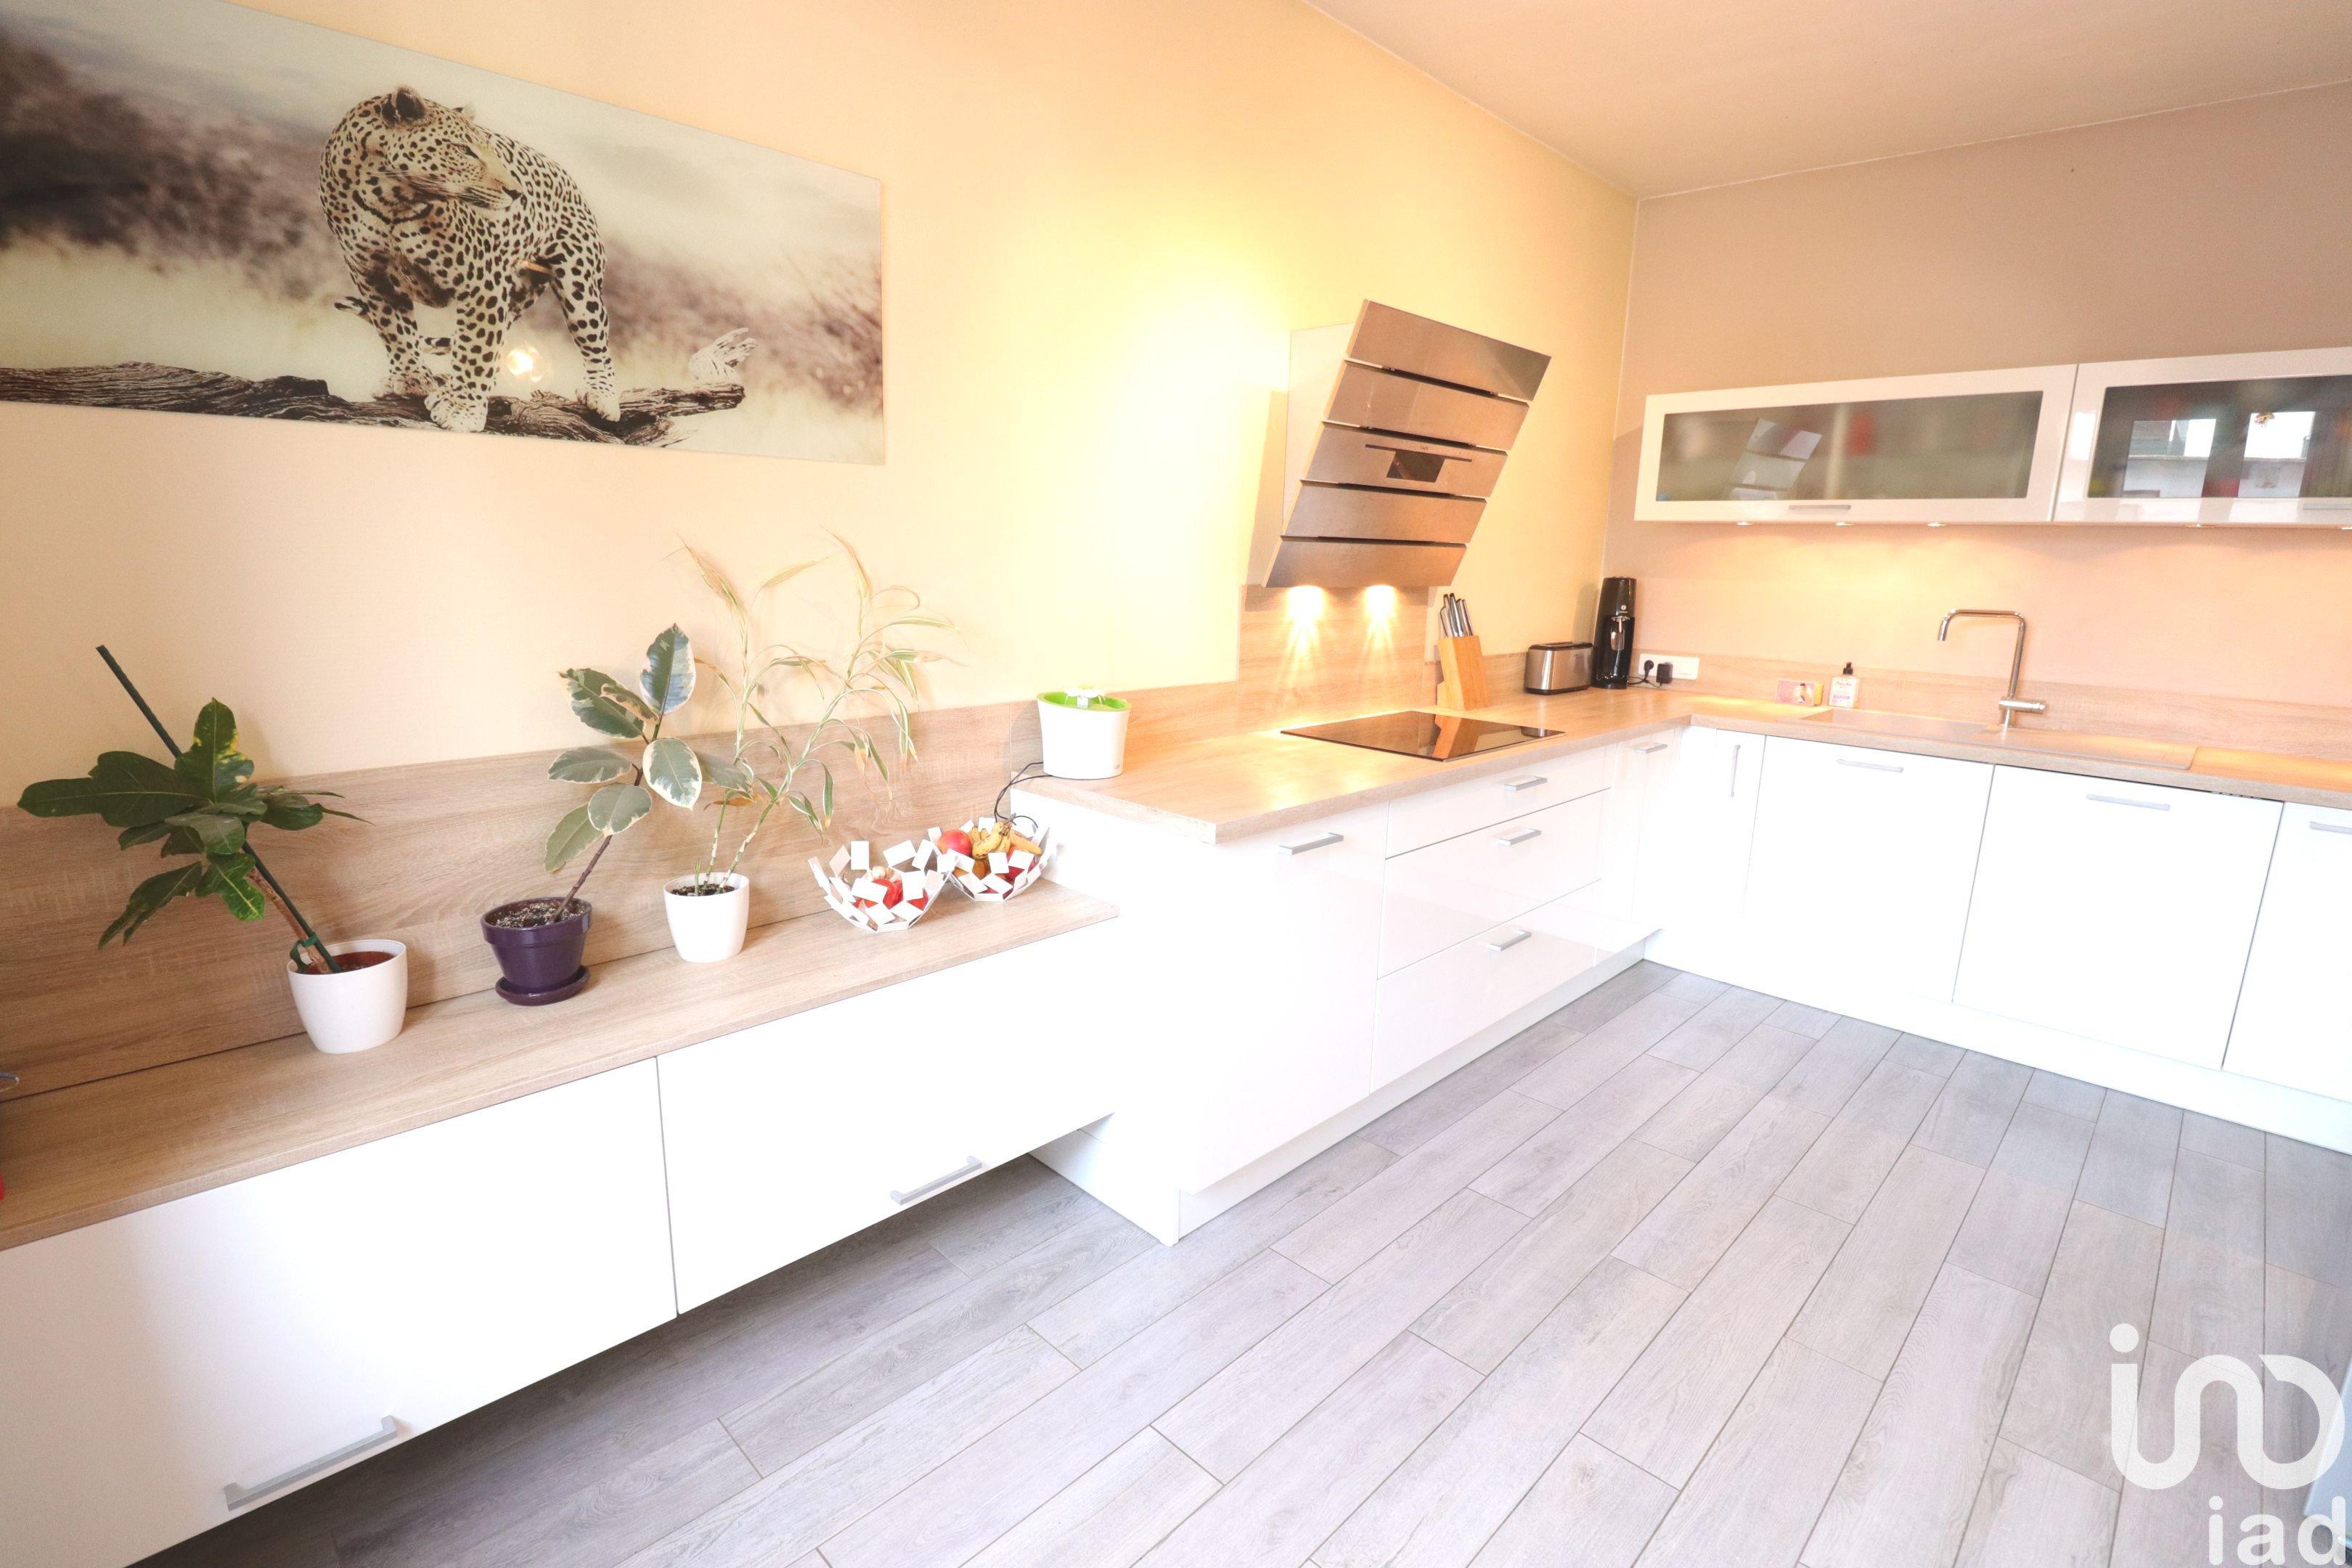 Maison a vendre colombes - 4 pièce(s) - 94 m2 - Surfyn